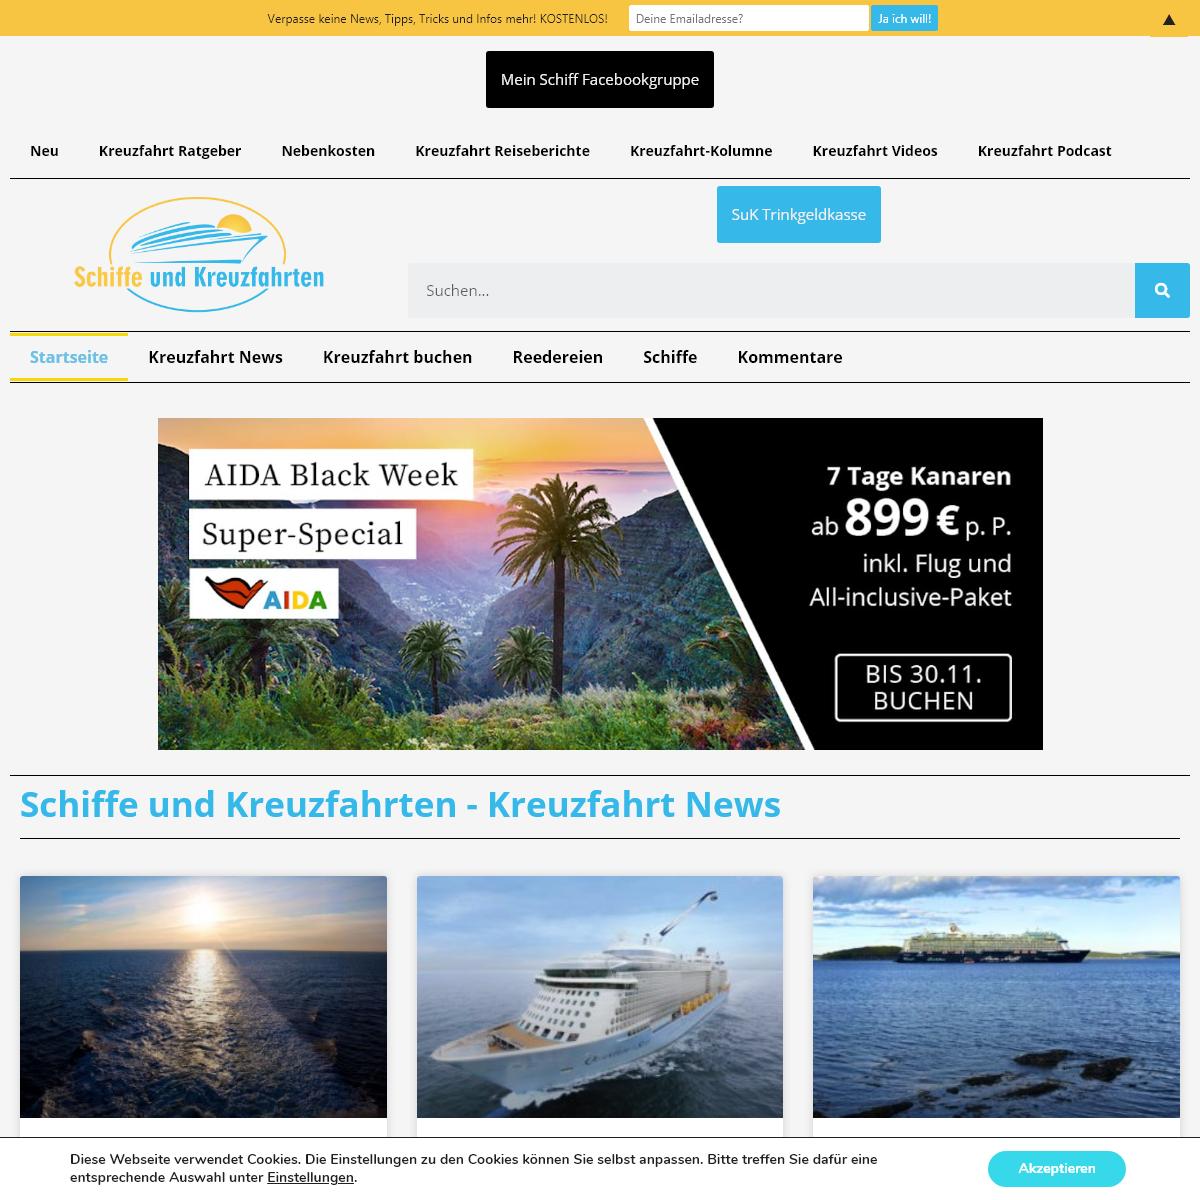 Schiffe und Kreuzfahrten - Das Kreuzfahrt Blog mit News & Infos aus November 2020 ⚓